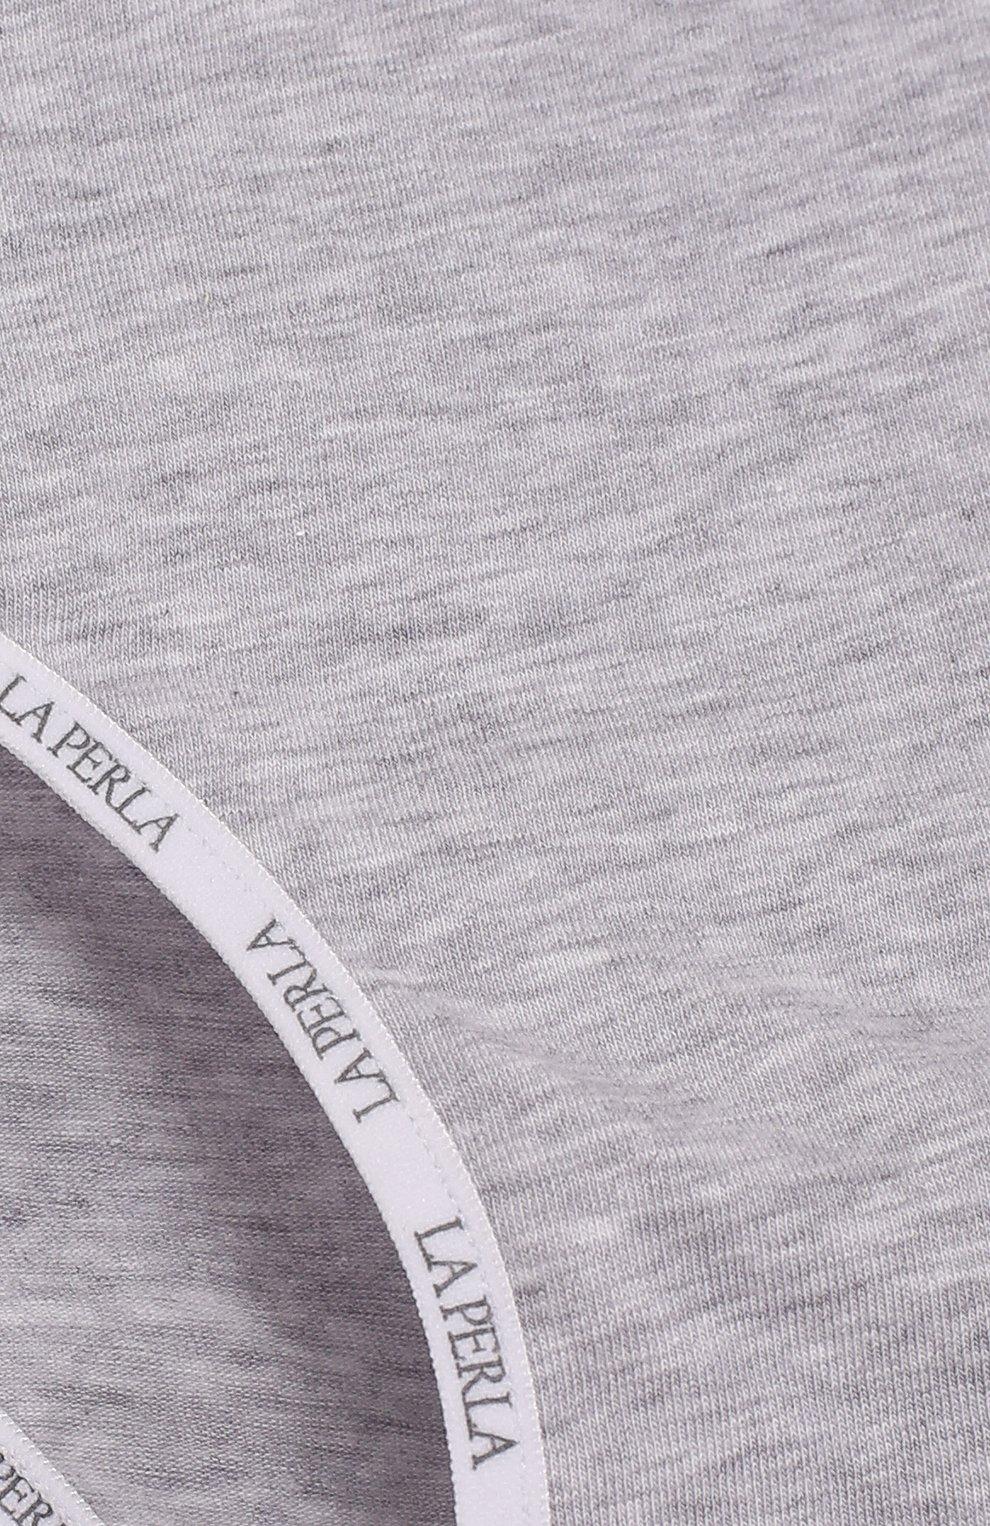 Детские трусы-слипы с логотипом бренда LA PERLA серого цвета, арт. 51327/2A-6A | Фото 3